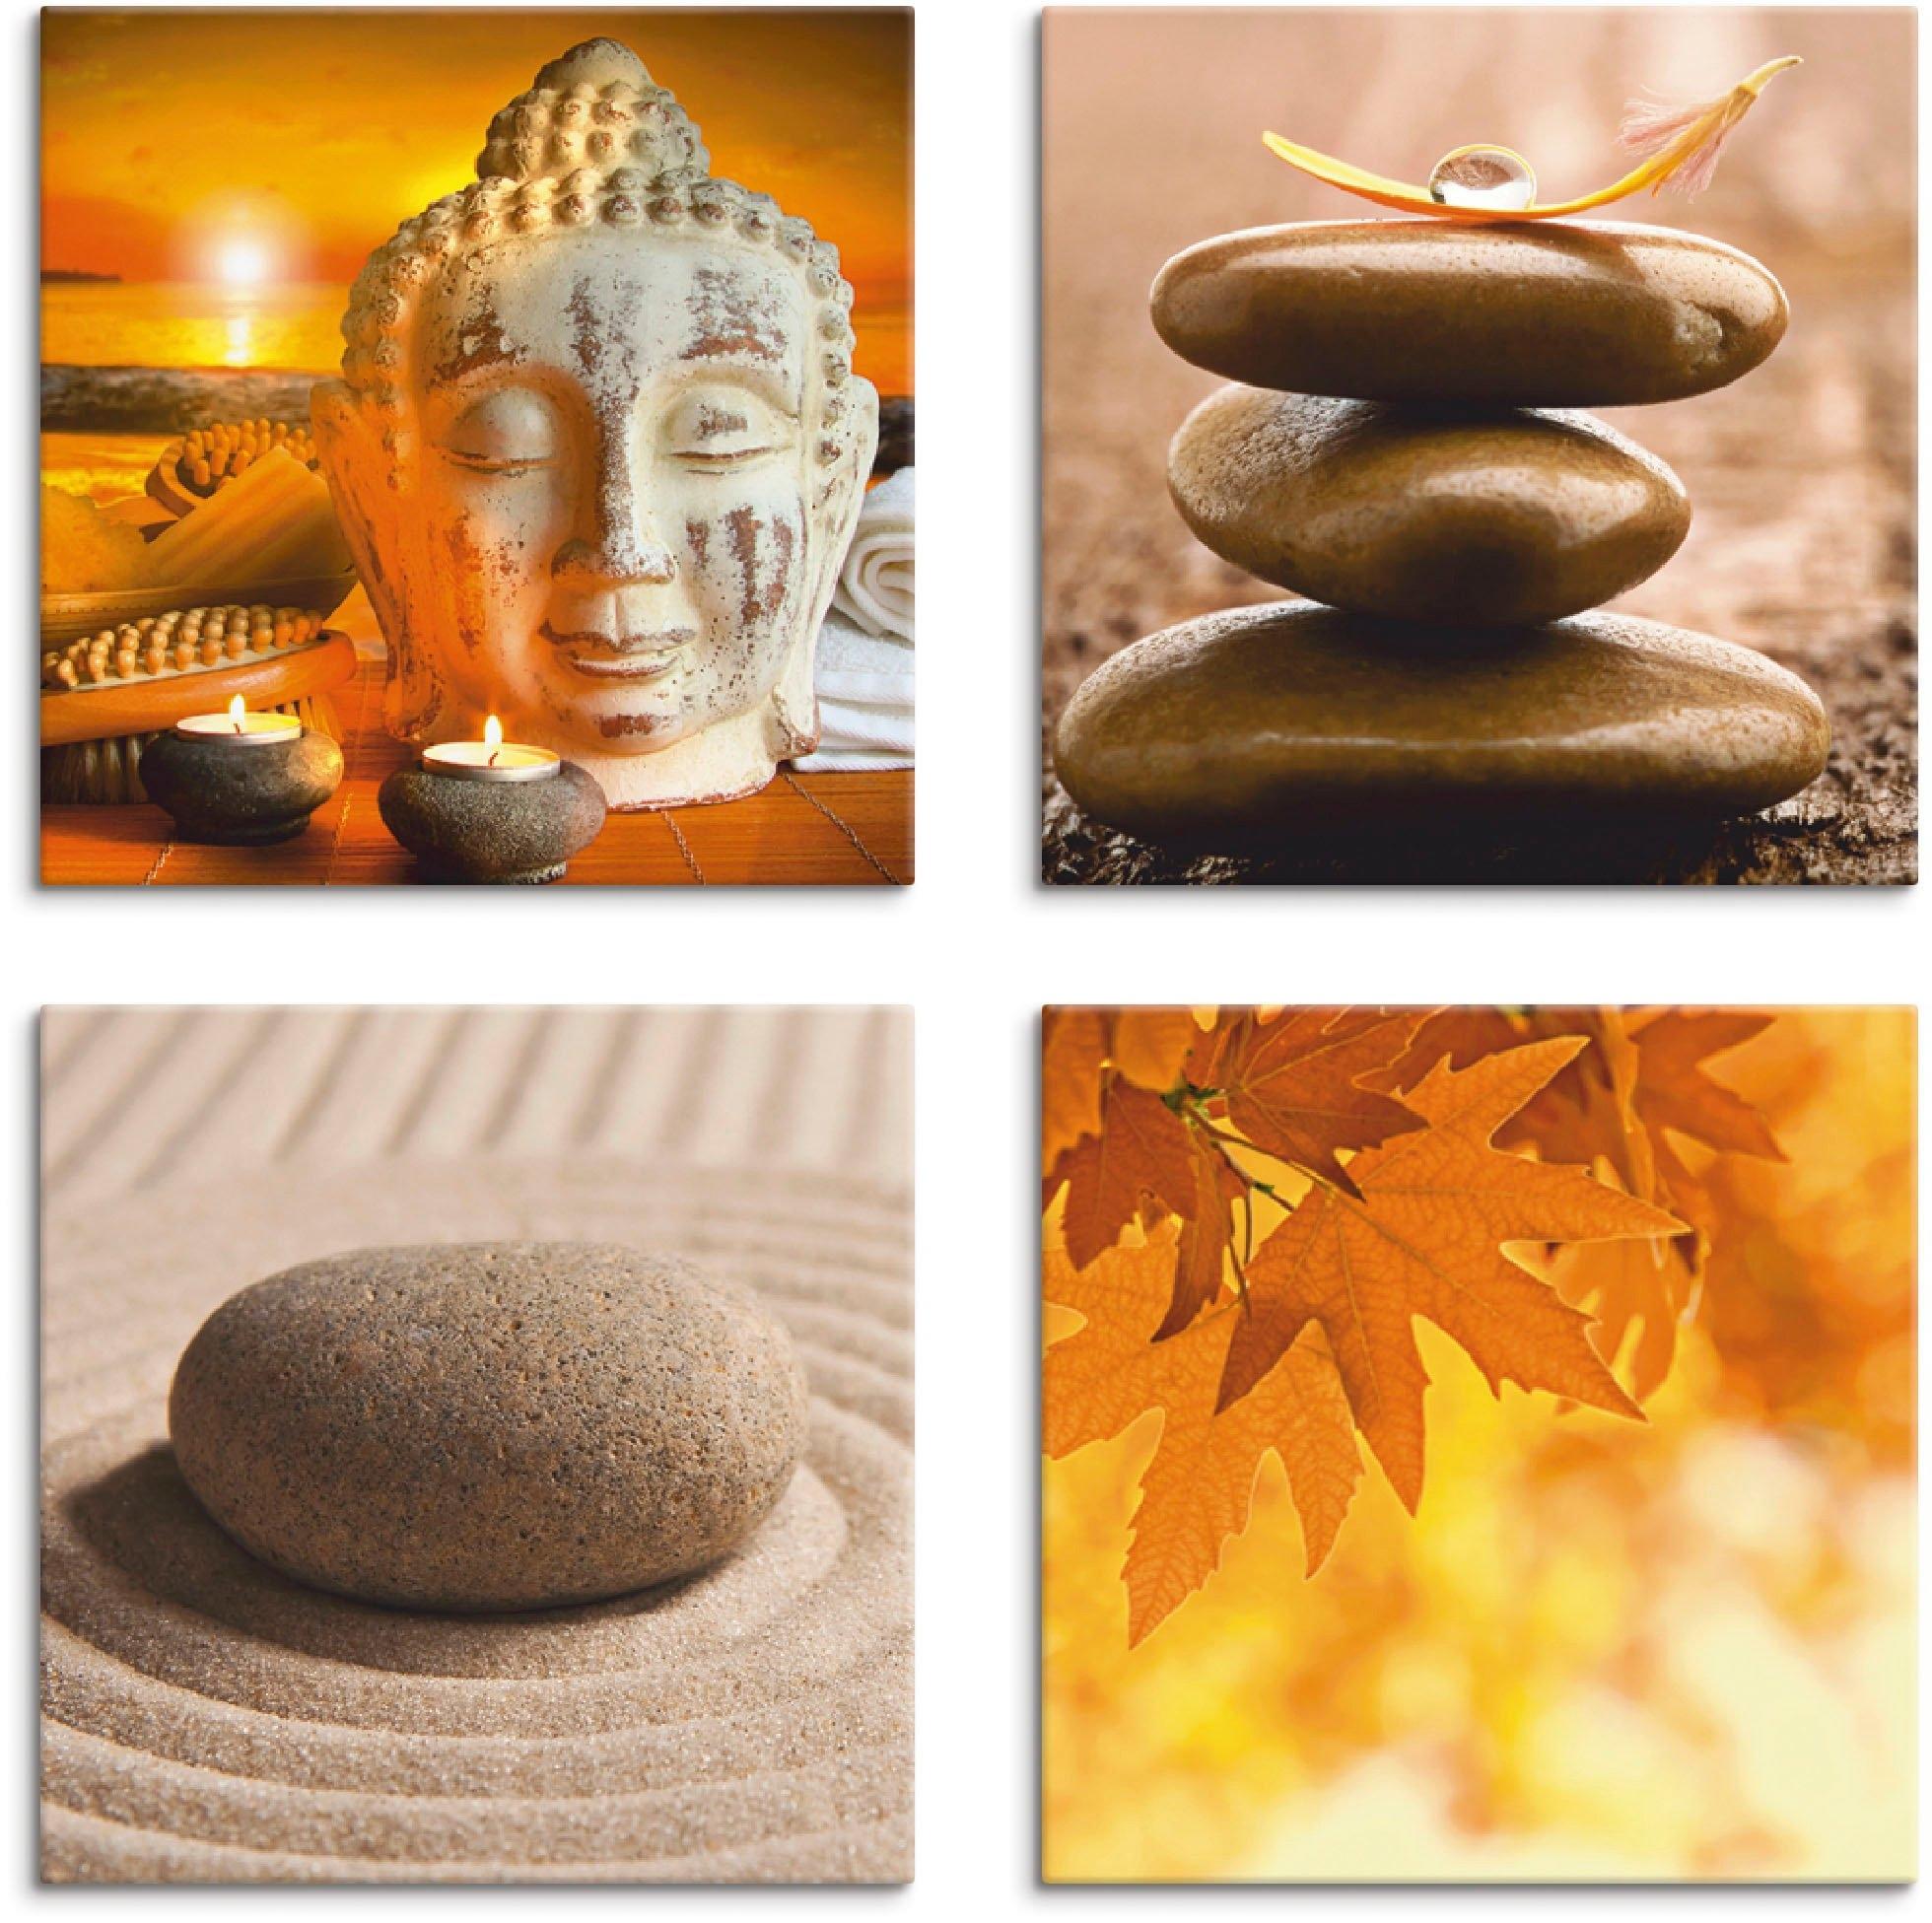 Artland Artprint op linnen Boeddha-standbeeld zen tuin massagestenen (4 stuks) in de webshop van OTTO kopen